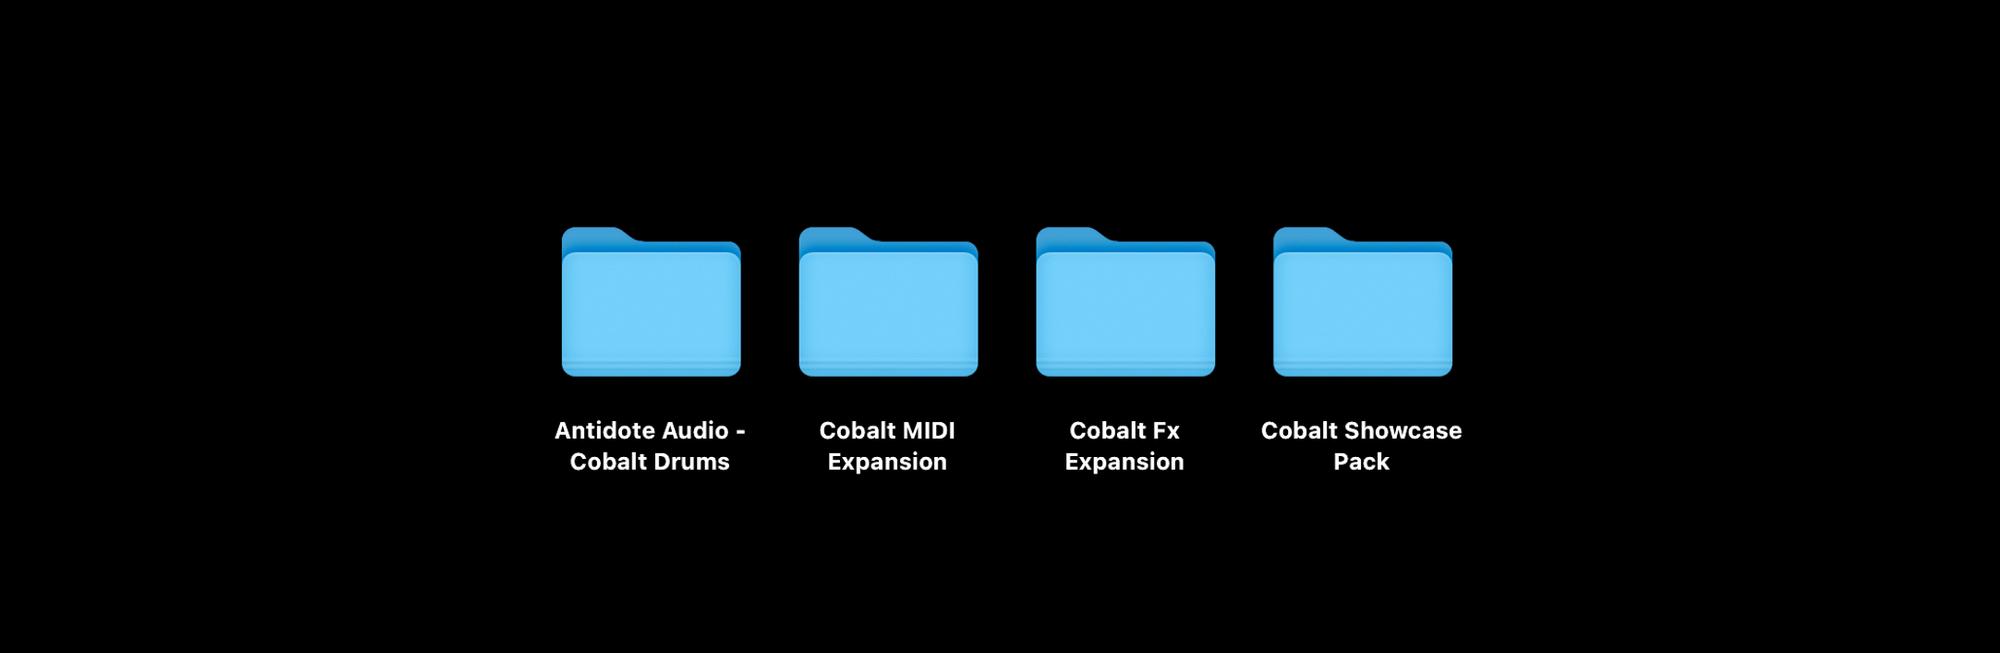 complete cobalt kit